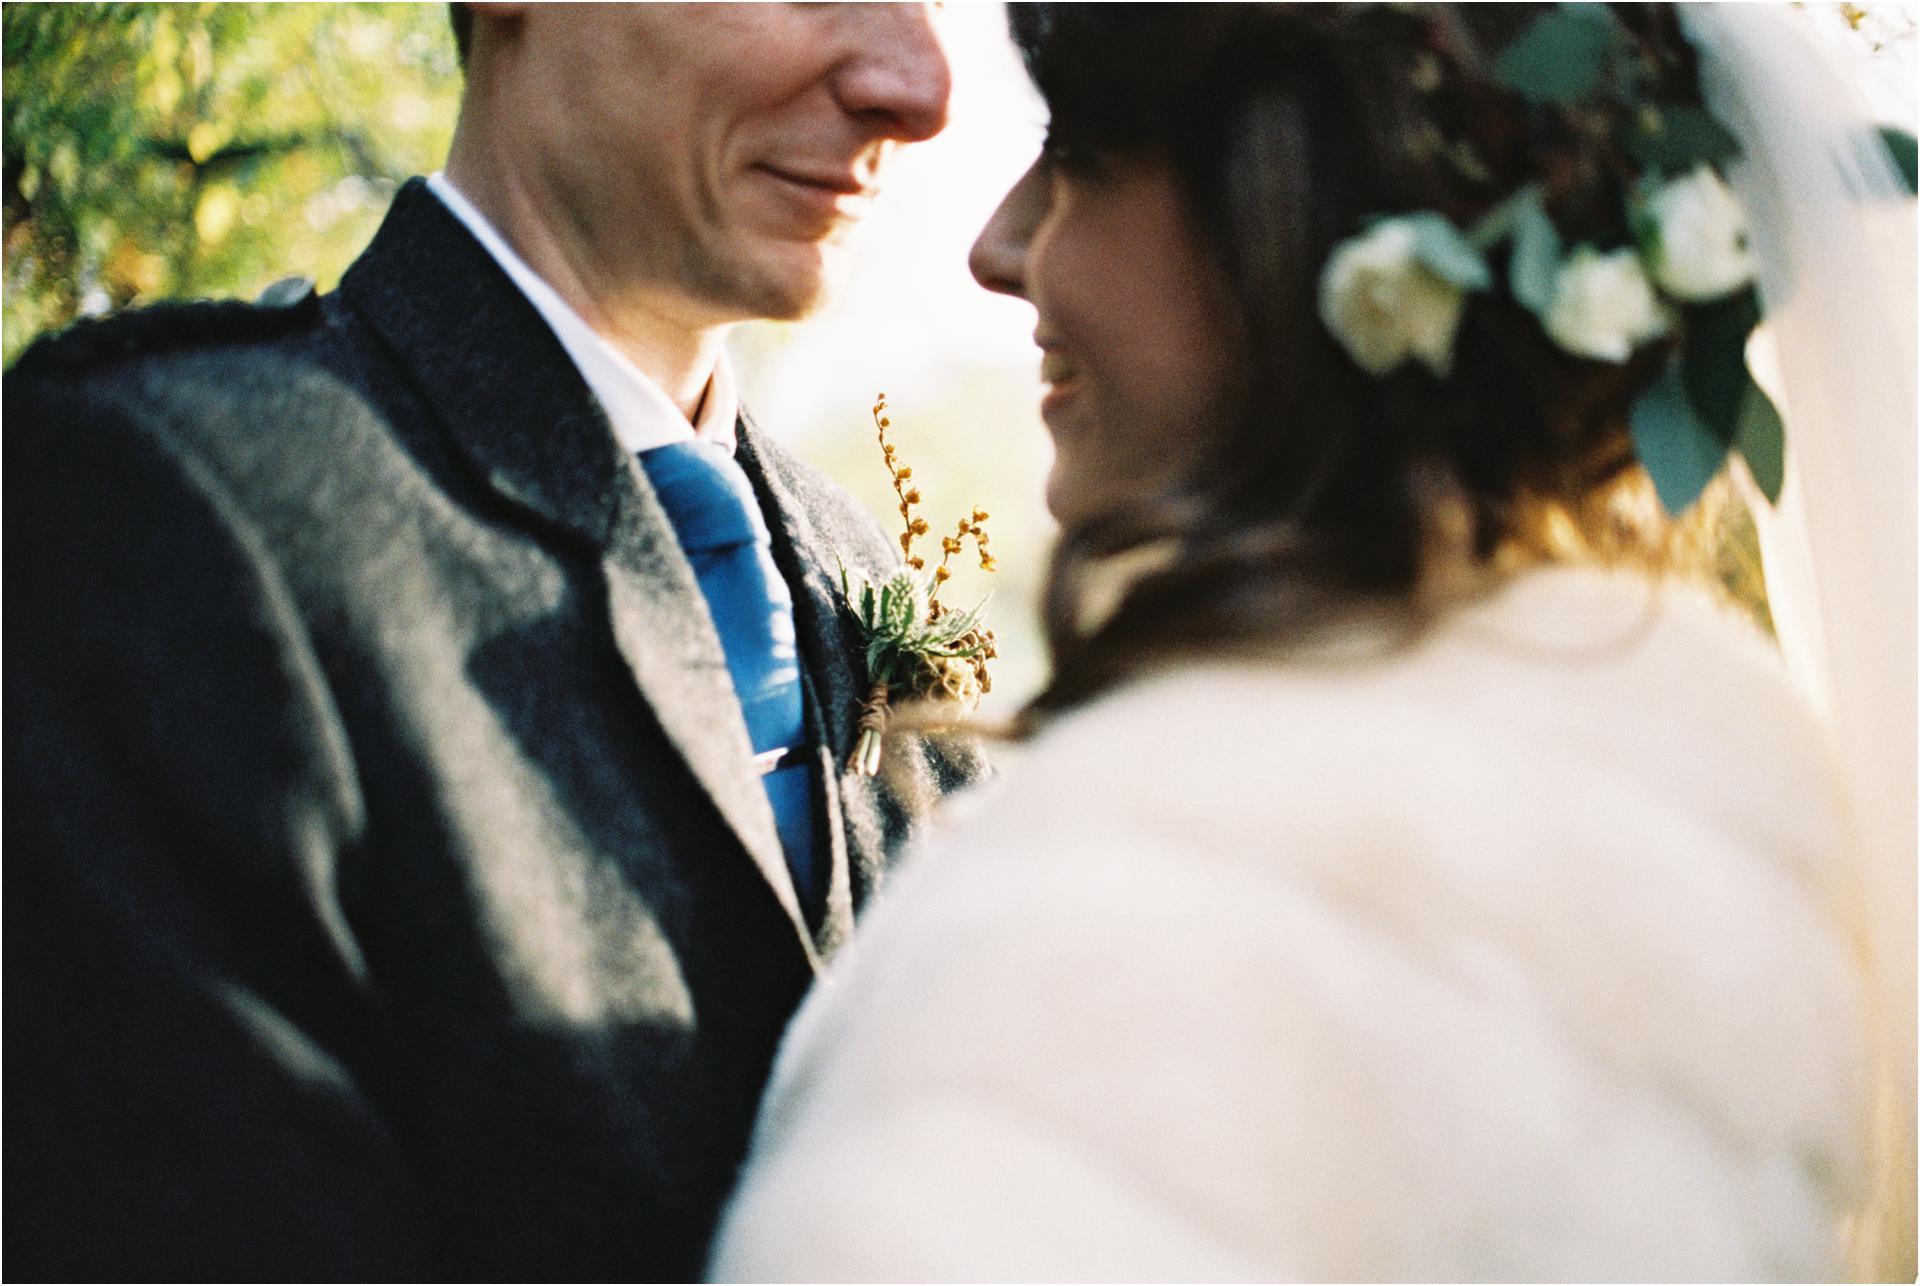 weddingsonfilmphotosbyzoe51